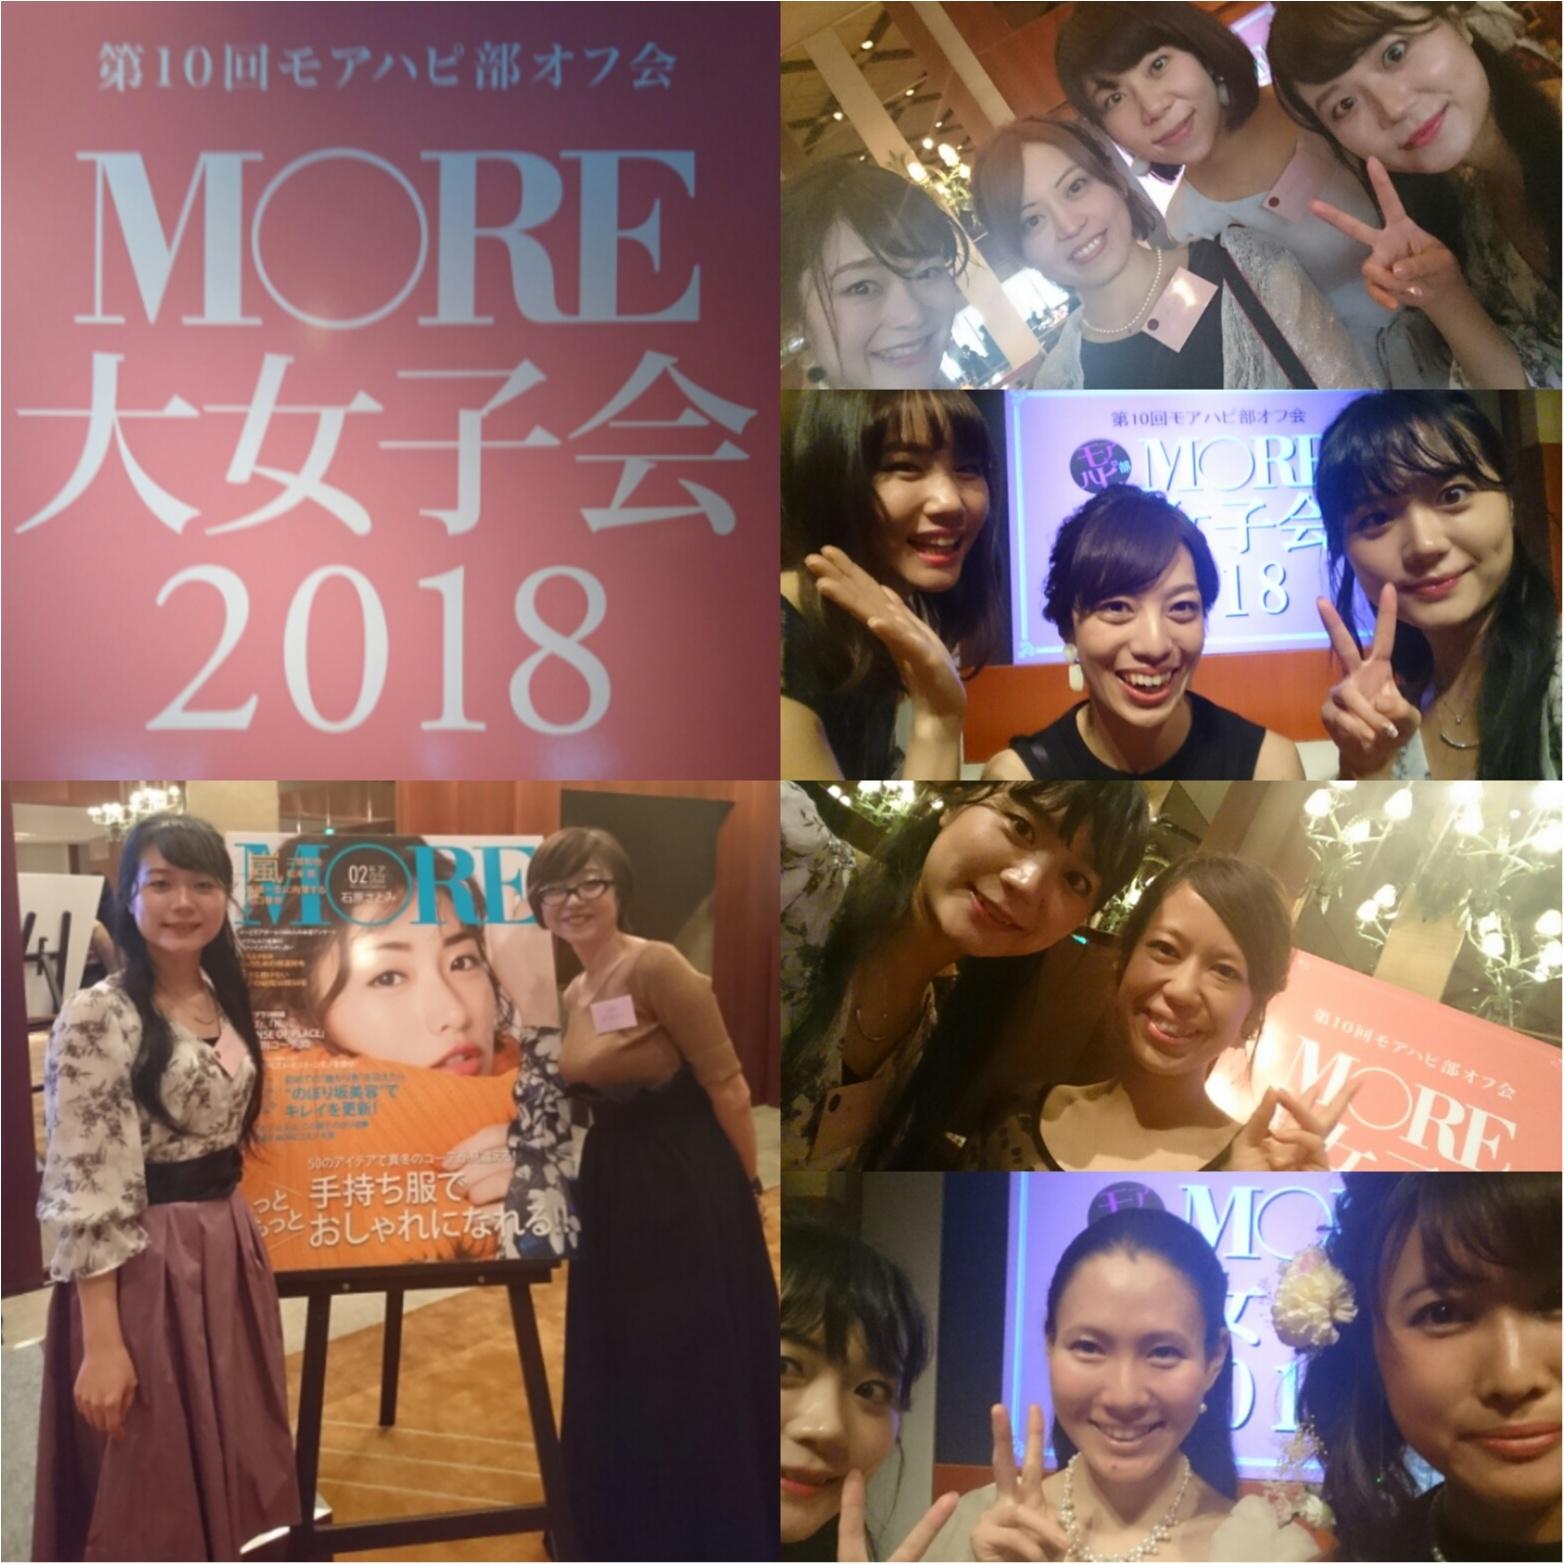 年に一度☆MORE大女子会2018☆モアハピ部員みなさんに会えてよかった..._2